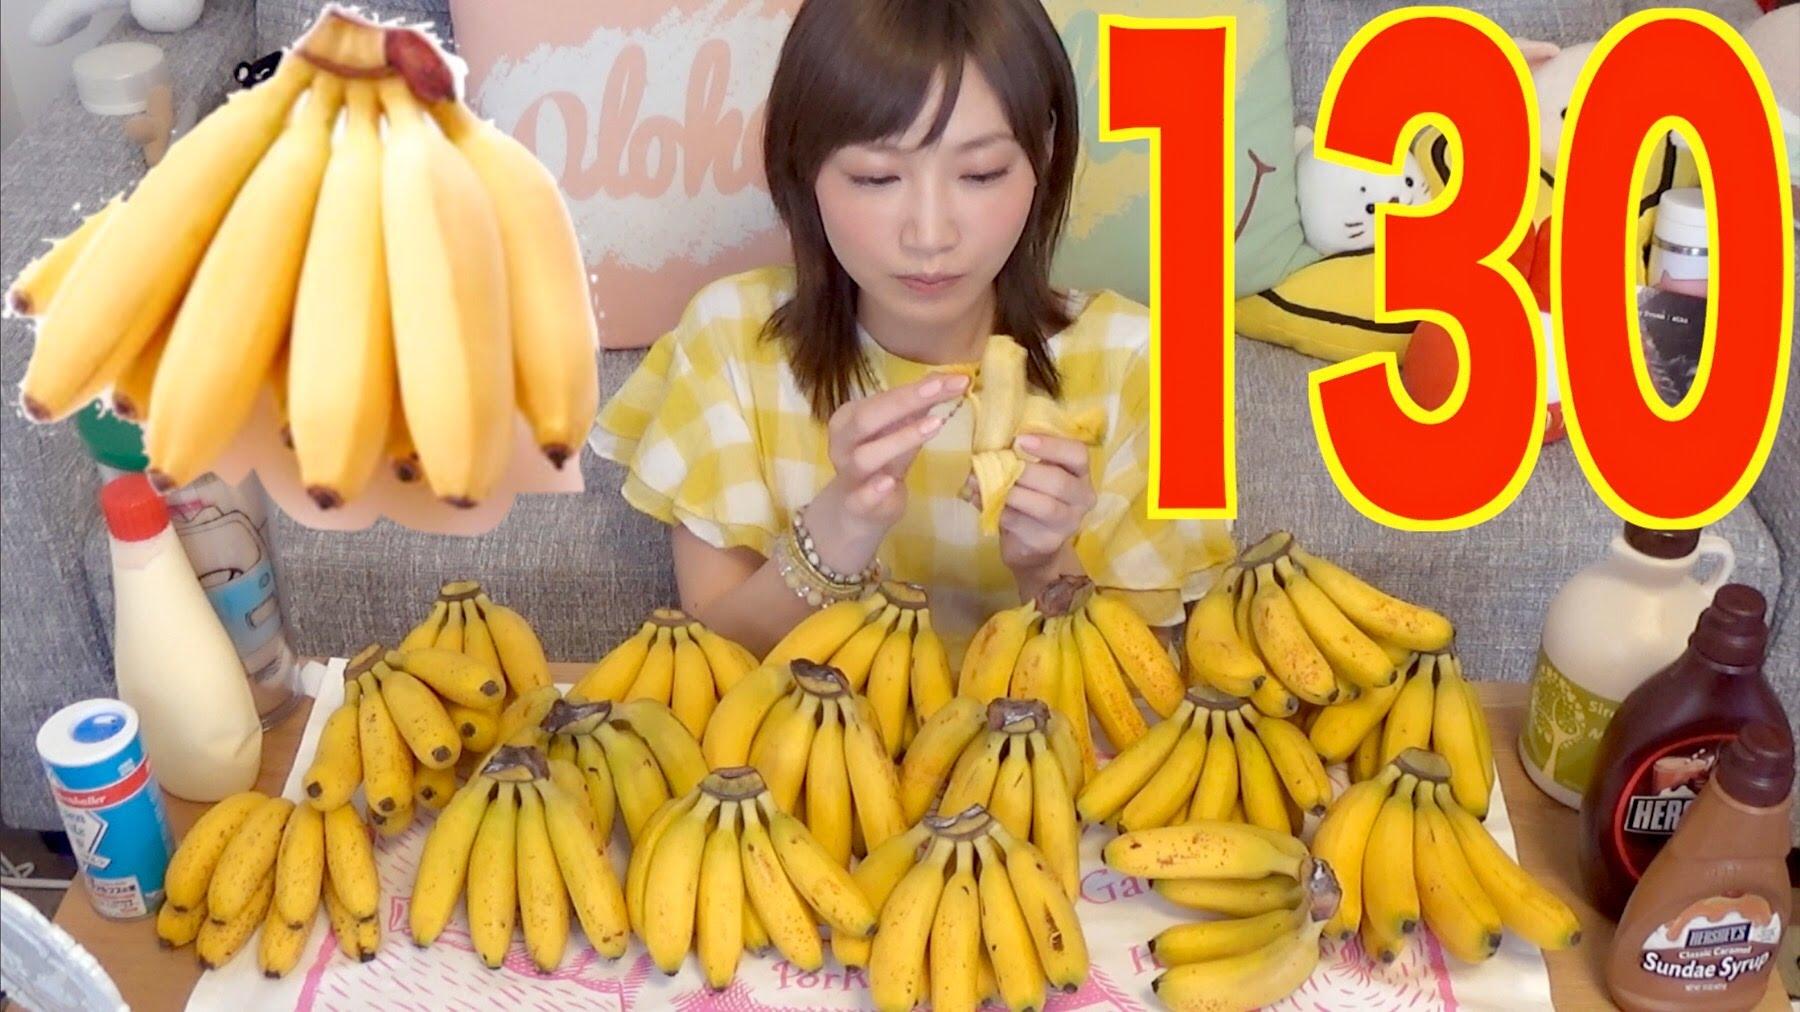 Японка излапа 137 банана наведнъж и ядоса Китай (ВИДЕО)